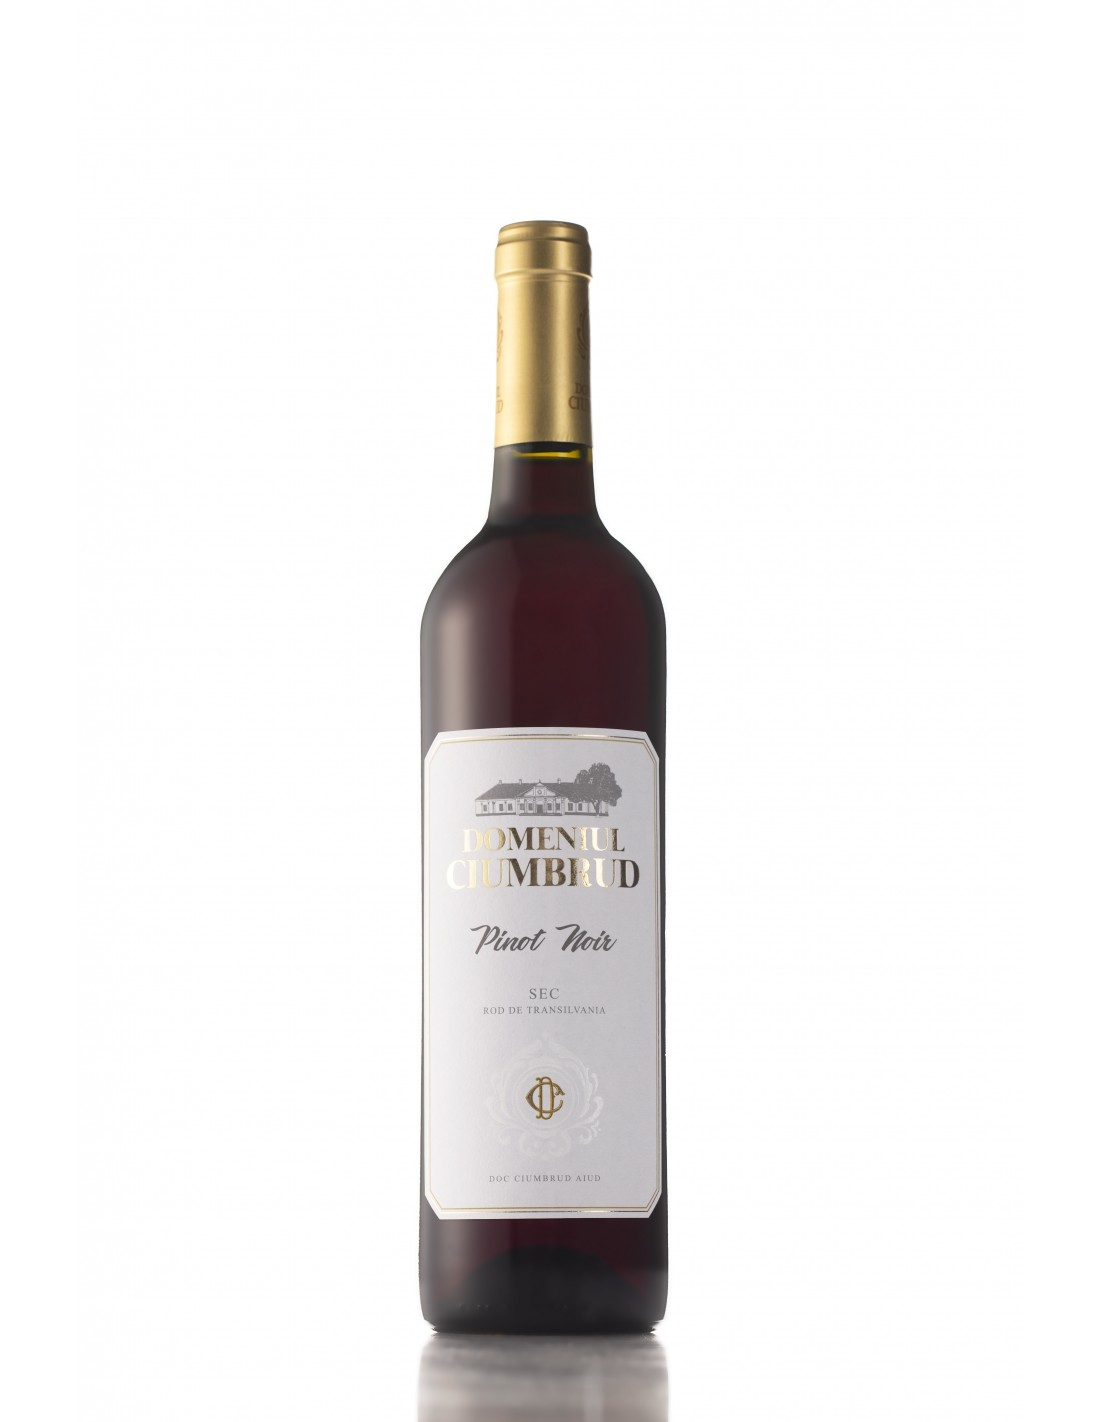 Vin rose sec, Pinot Noir, Domeniul Ciumbrud, 13% alc., 0.75L, Romania